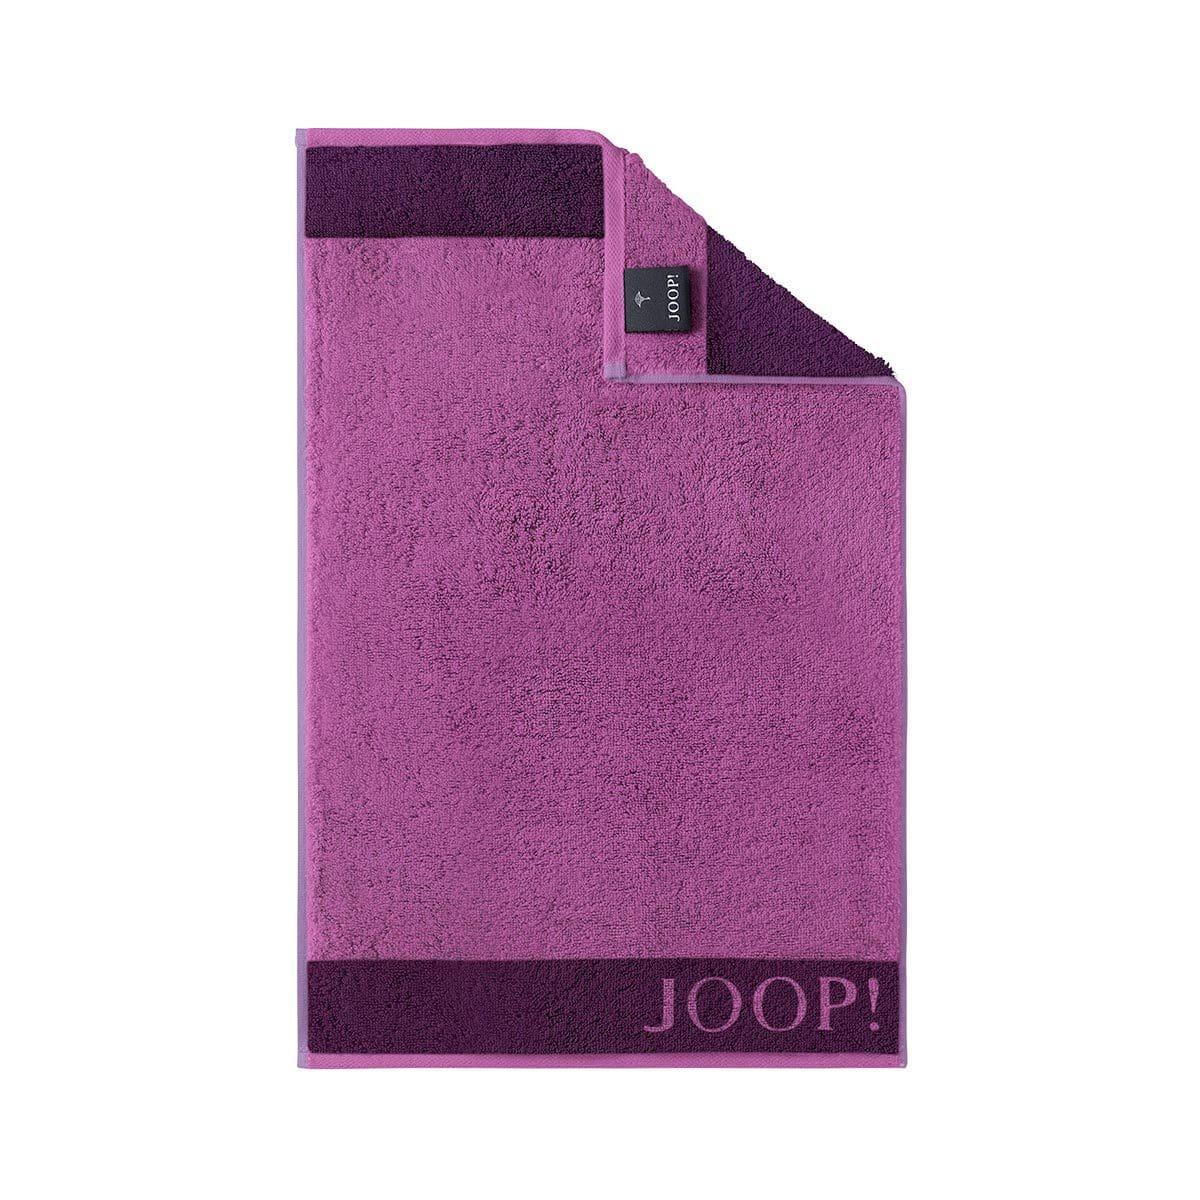 joop handt cher spirit doubleface g nstig online kaufen bei bettwaren shop. Black Bedroom Furniture Sets. Home Design Ideas